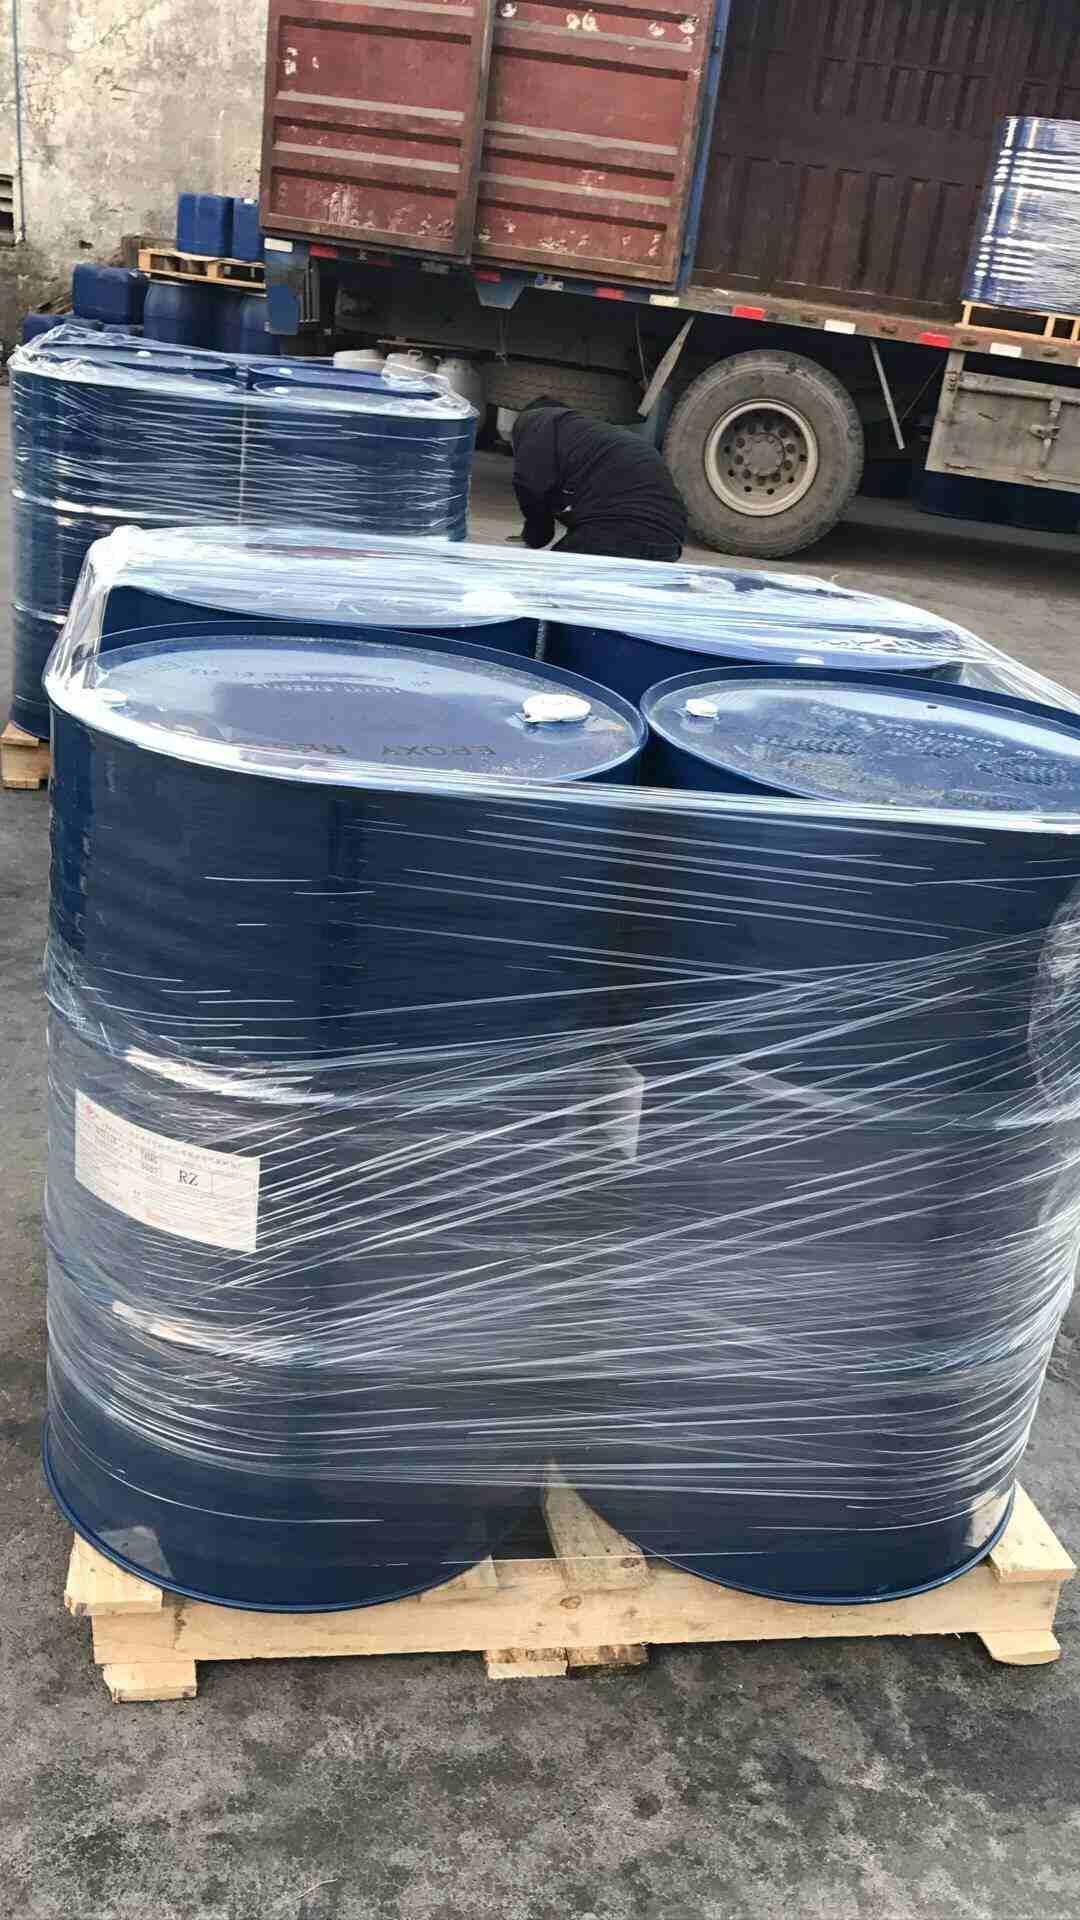 环氧树脂用途_知名厂家为你推荐好用的南亚128环氧树脂